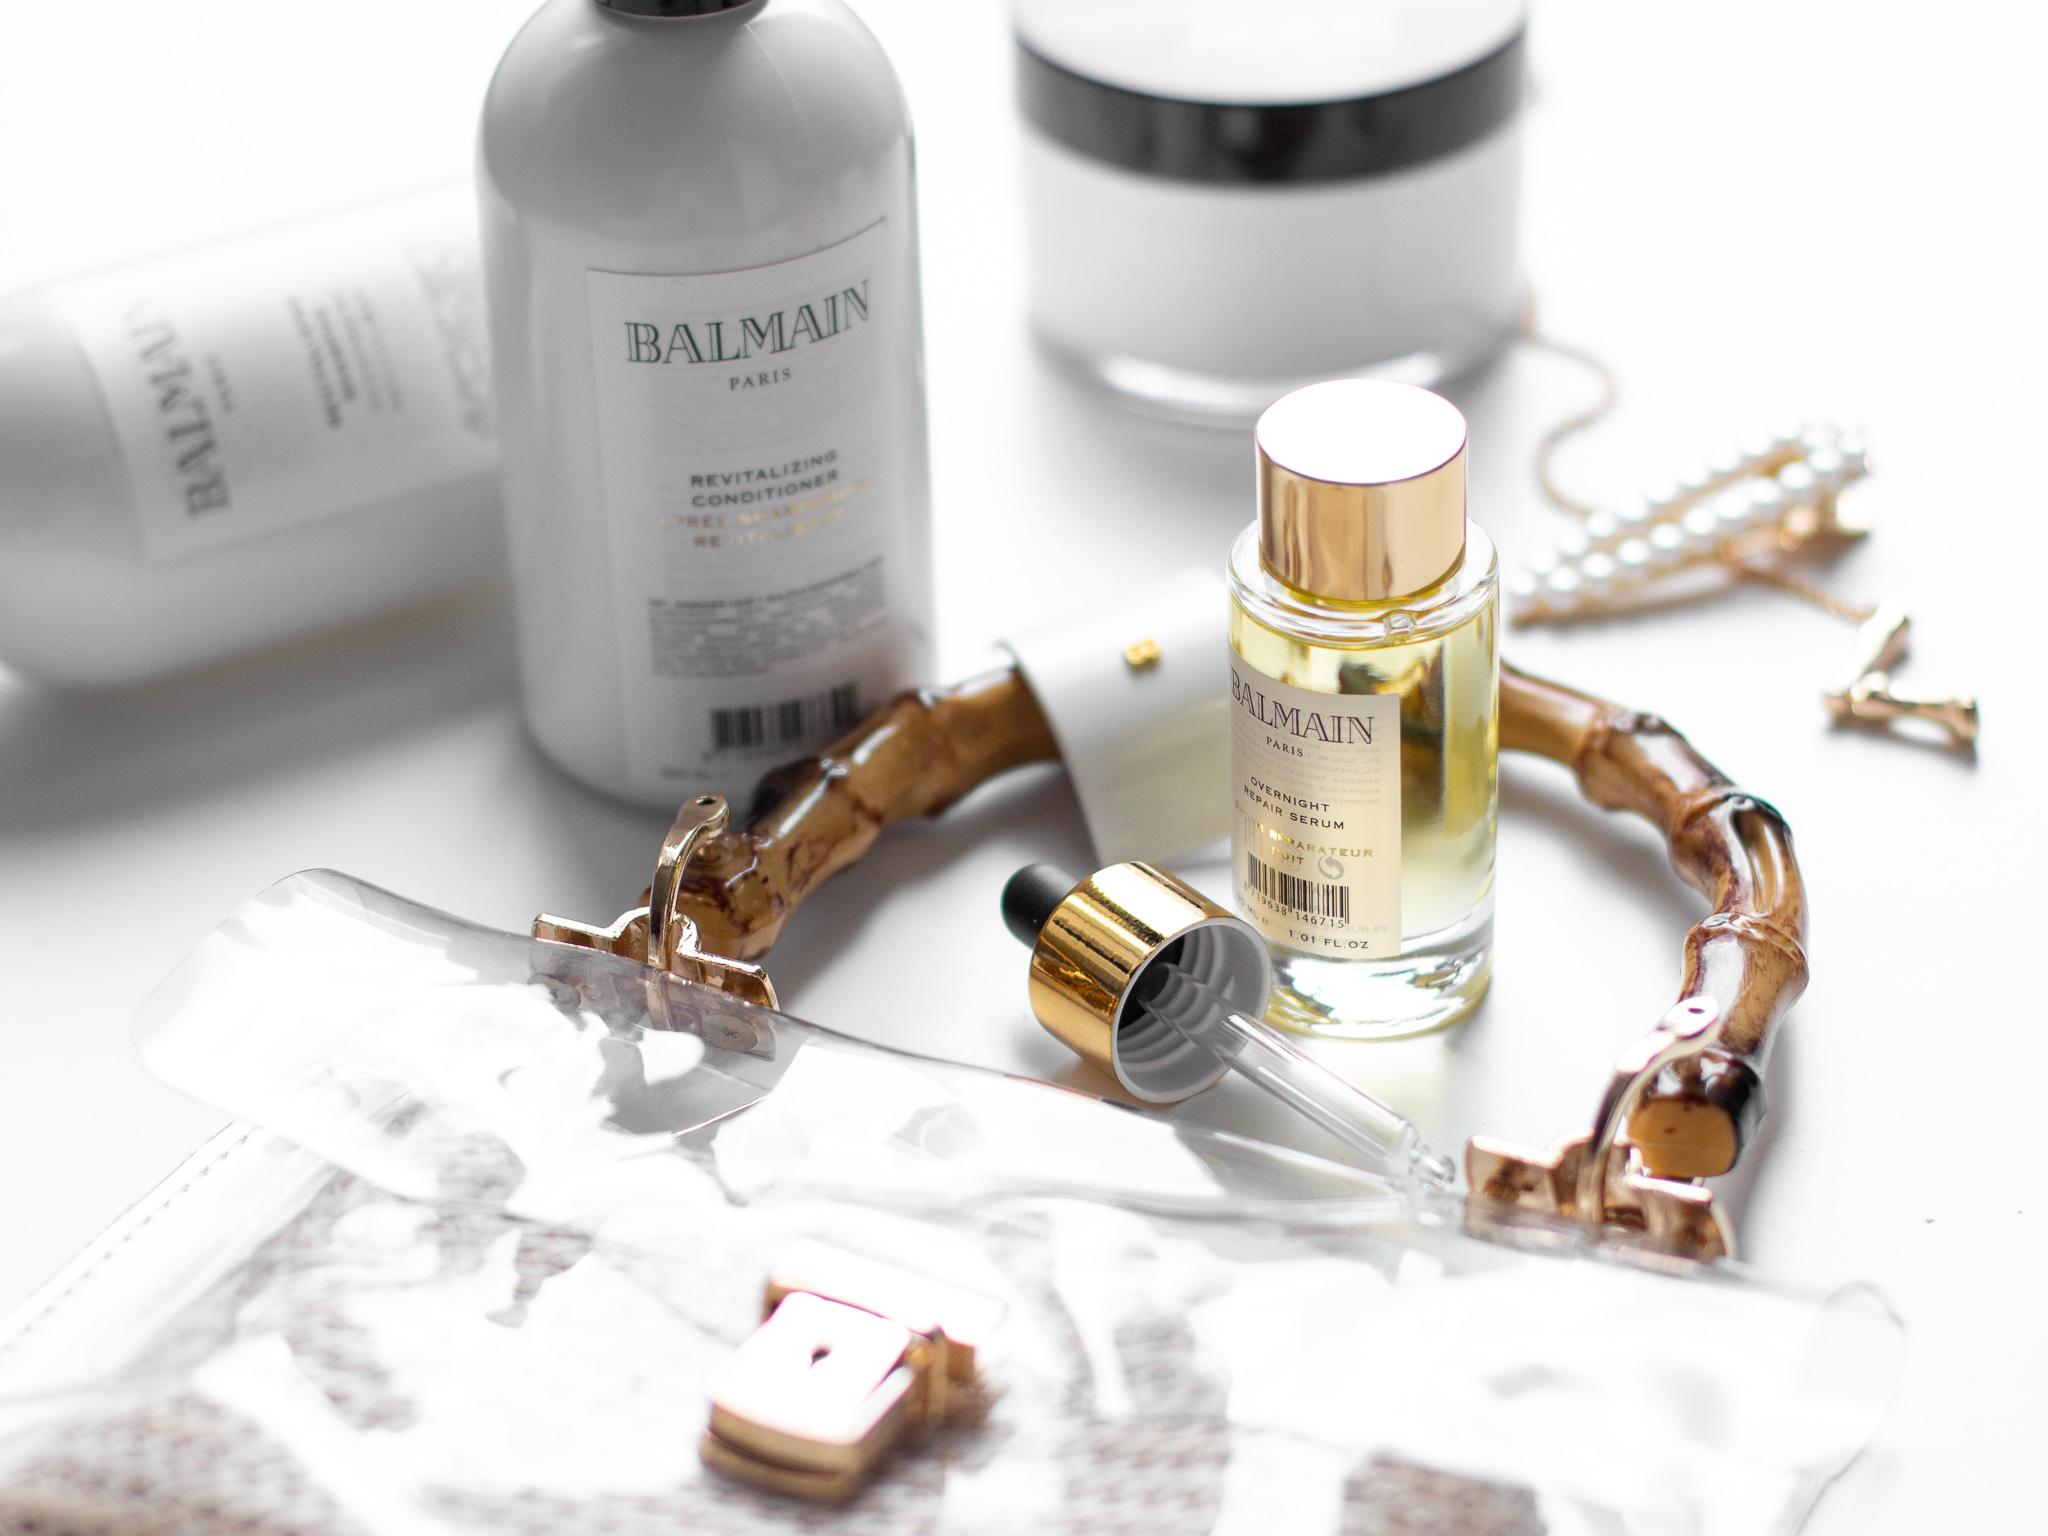 balmain overnight reapir serum olejíček zkušenosti